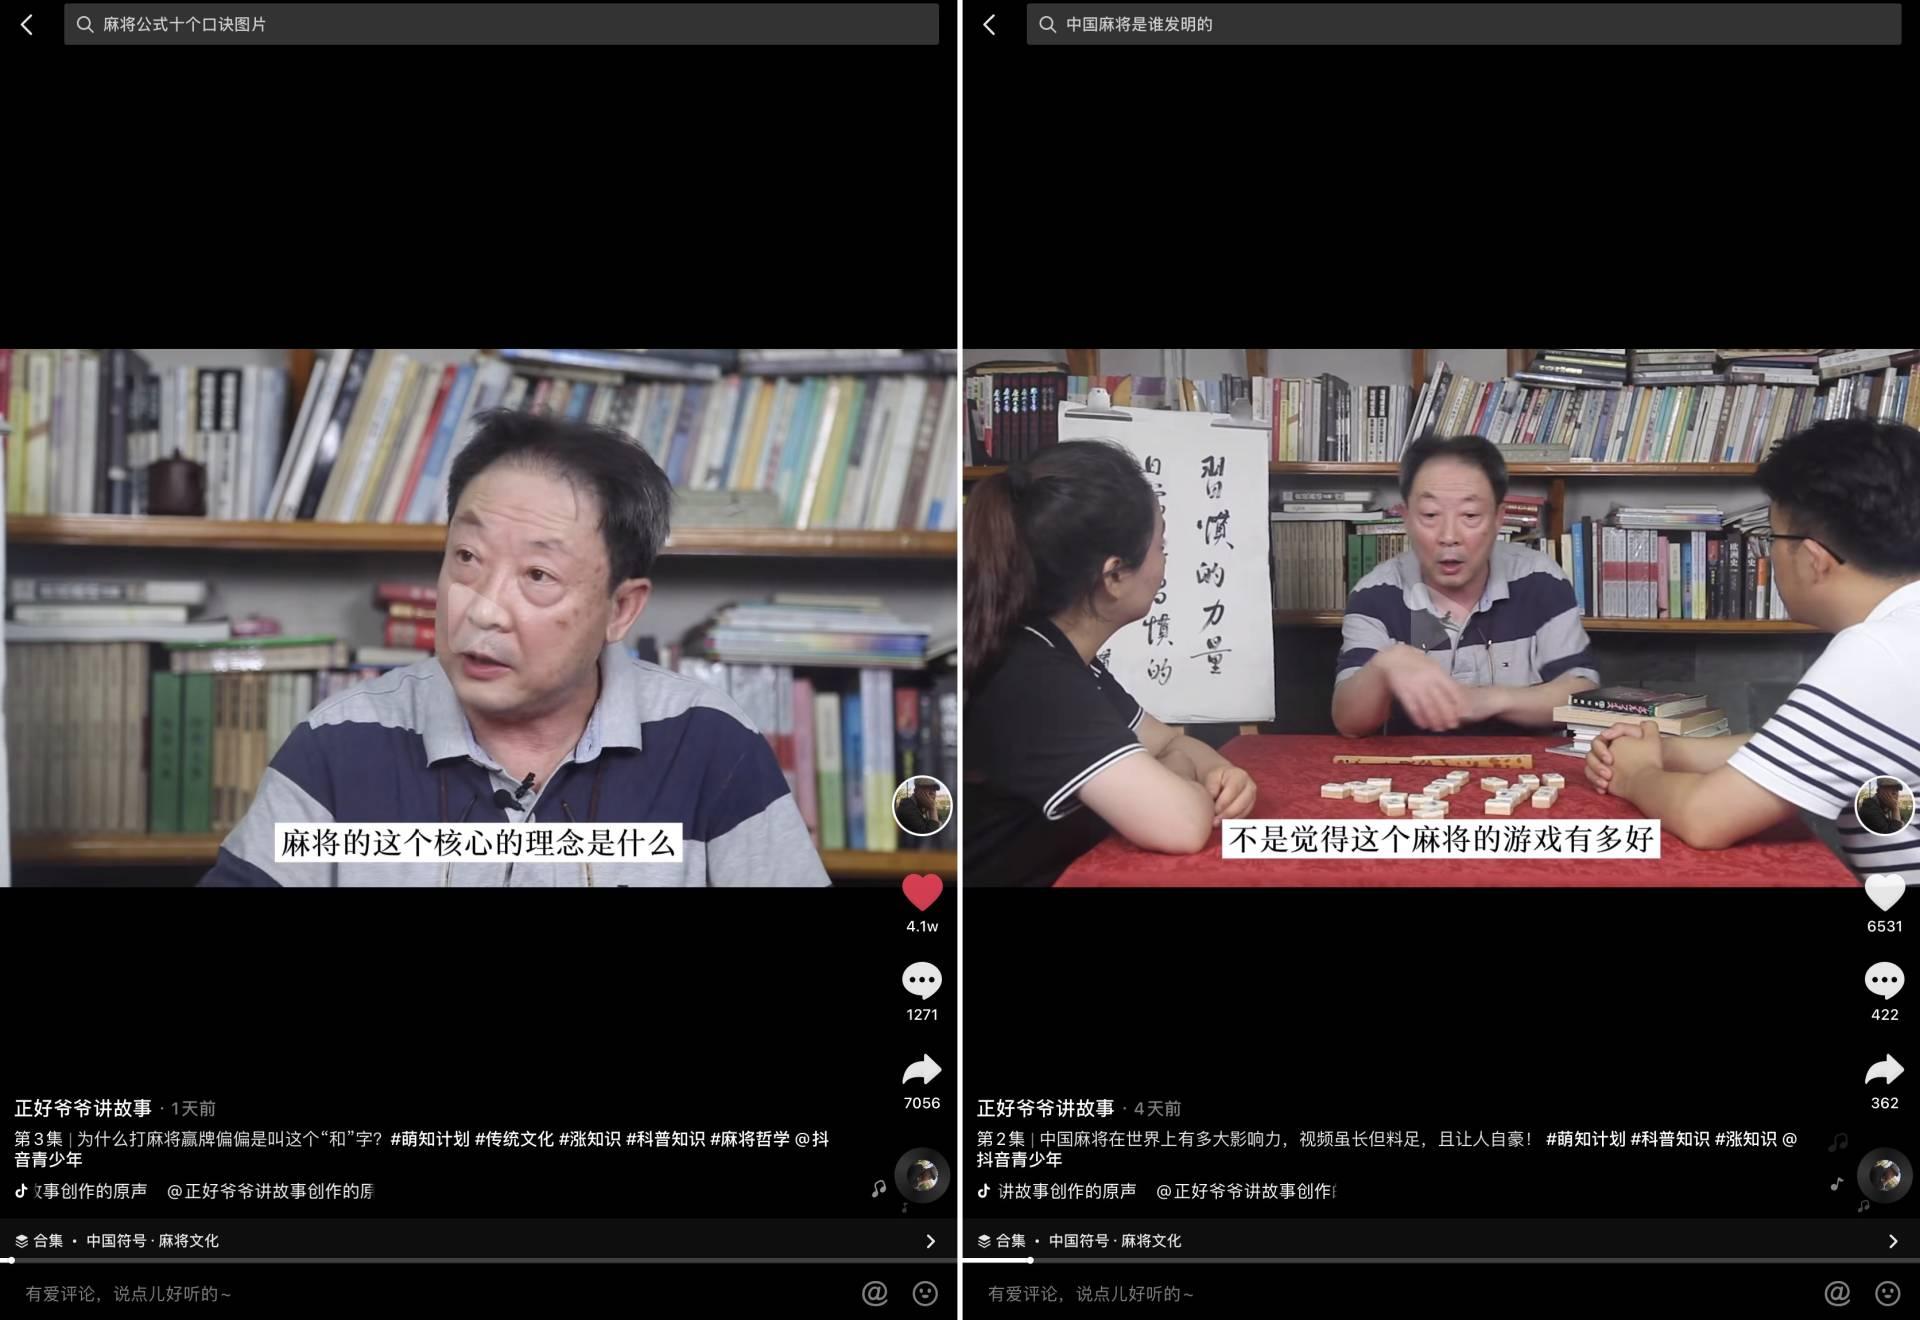 抖音@正好爷爷讲故事:中国筷子和日本筷子有什么区别、文化差异